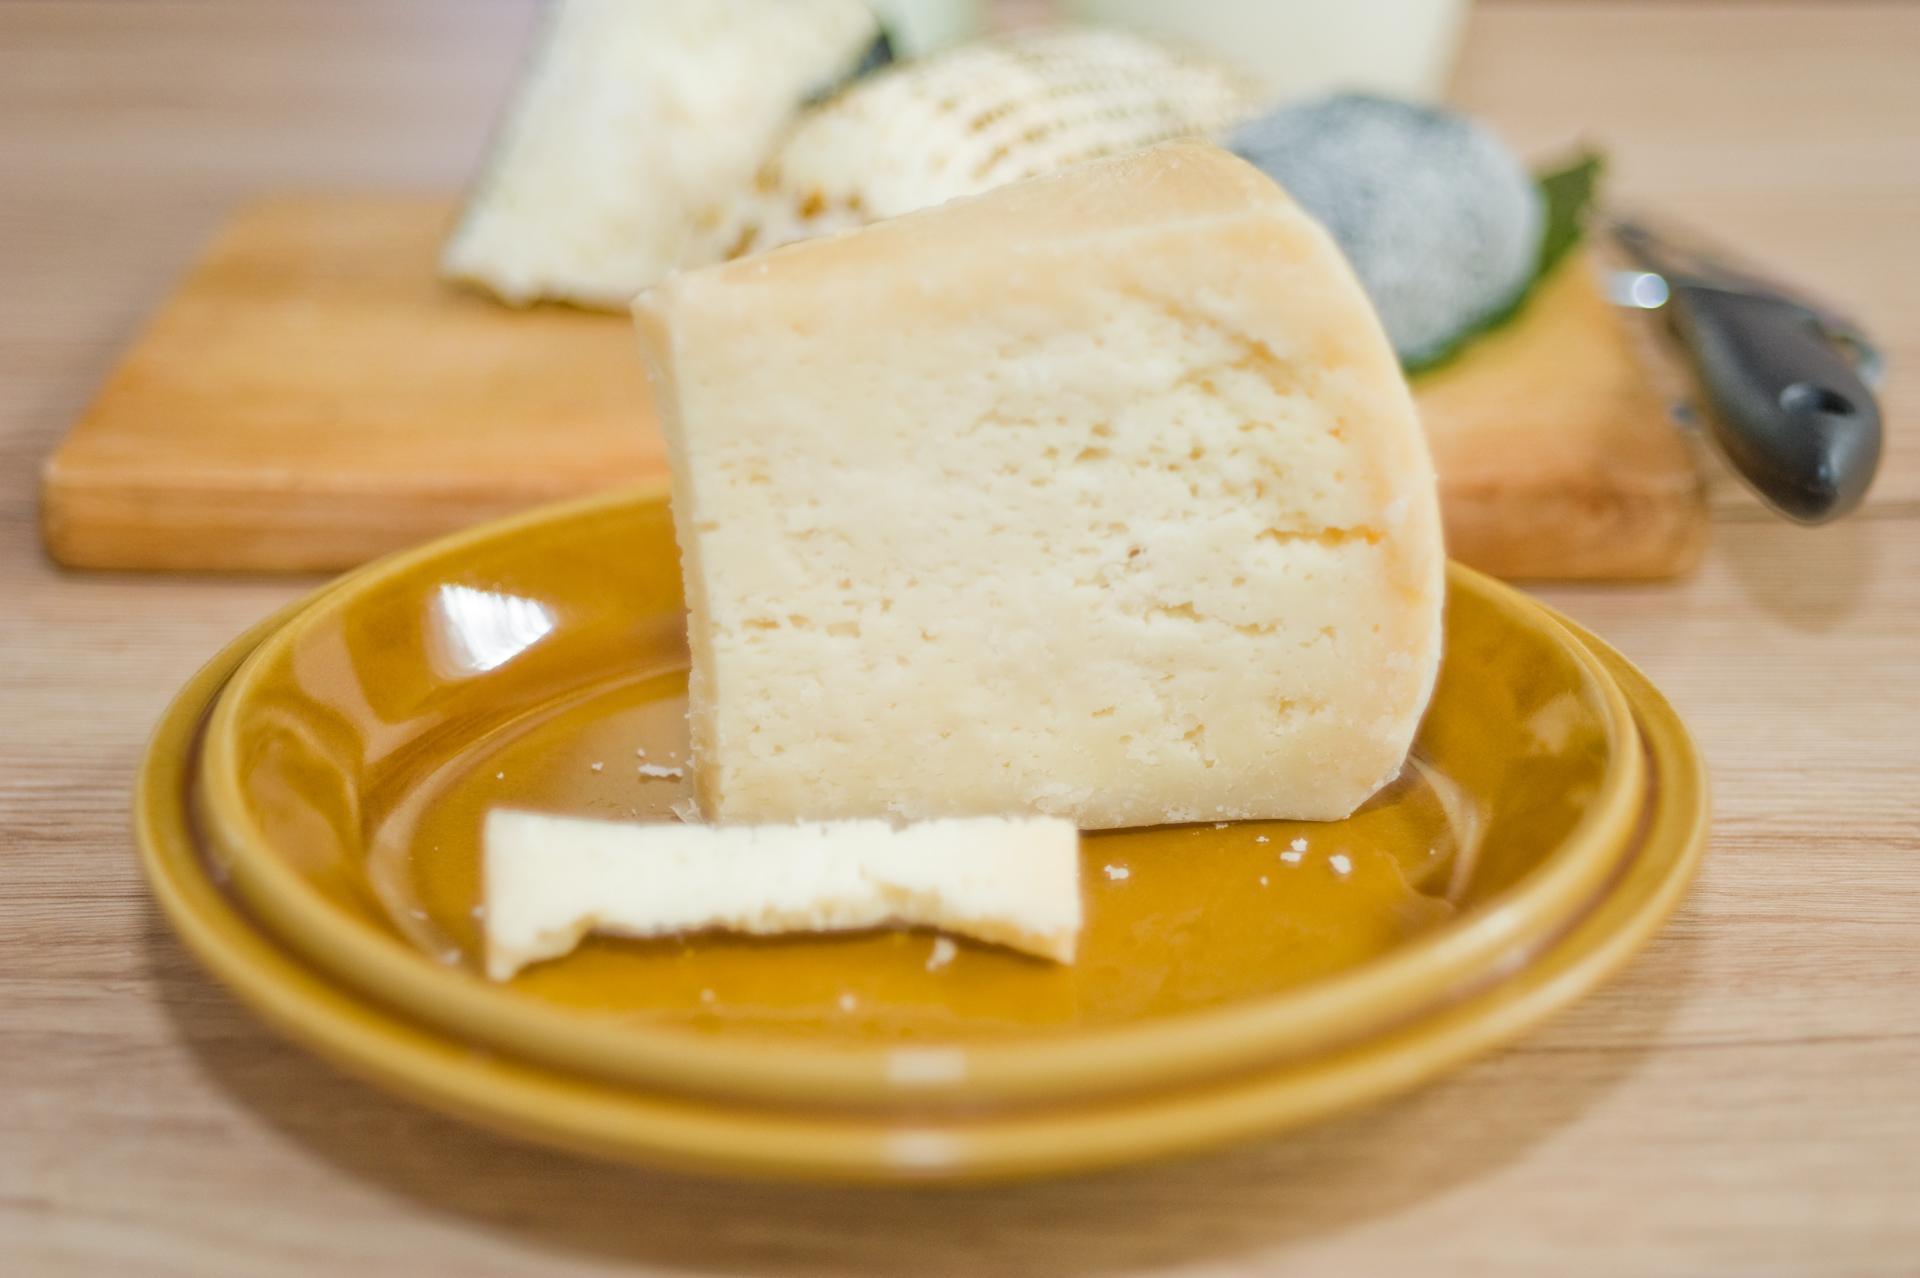 Hófehér: érlelt sajt viaszos kéreggel